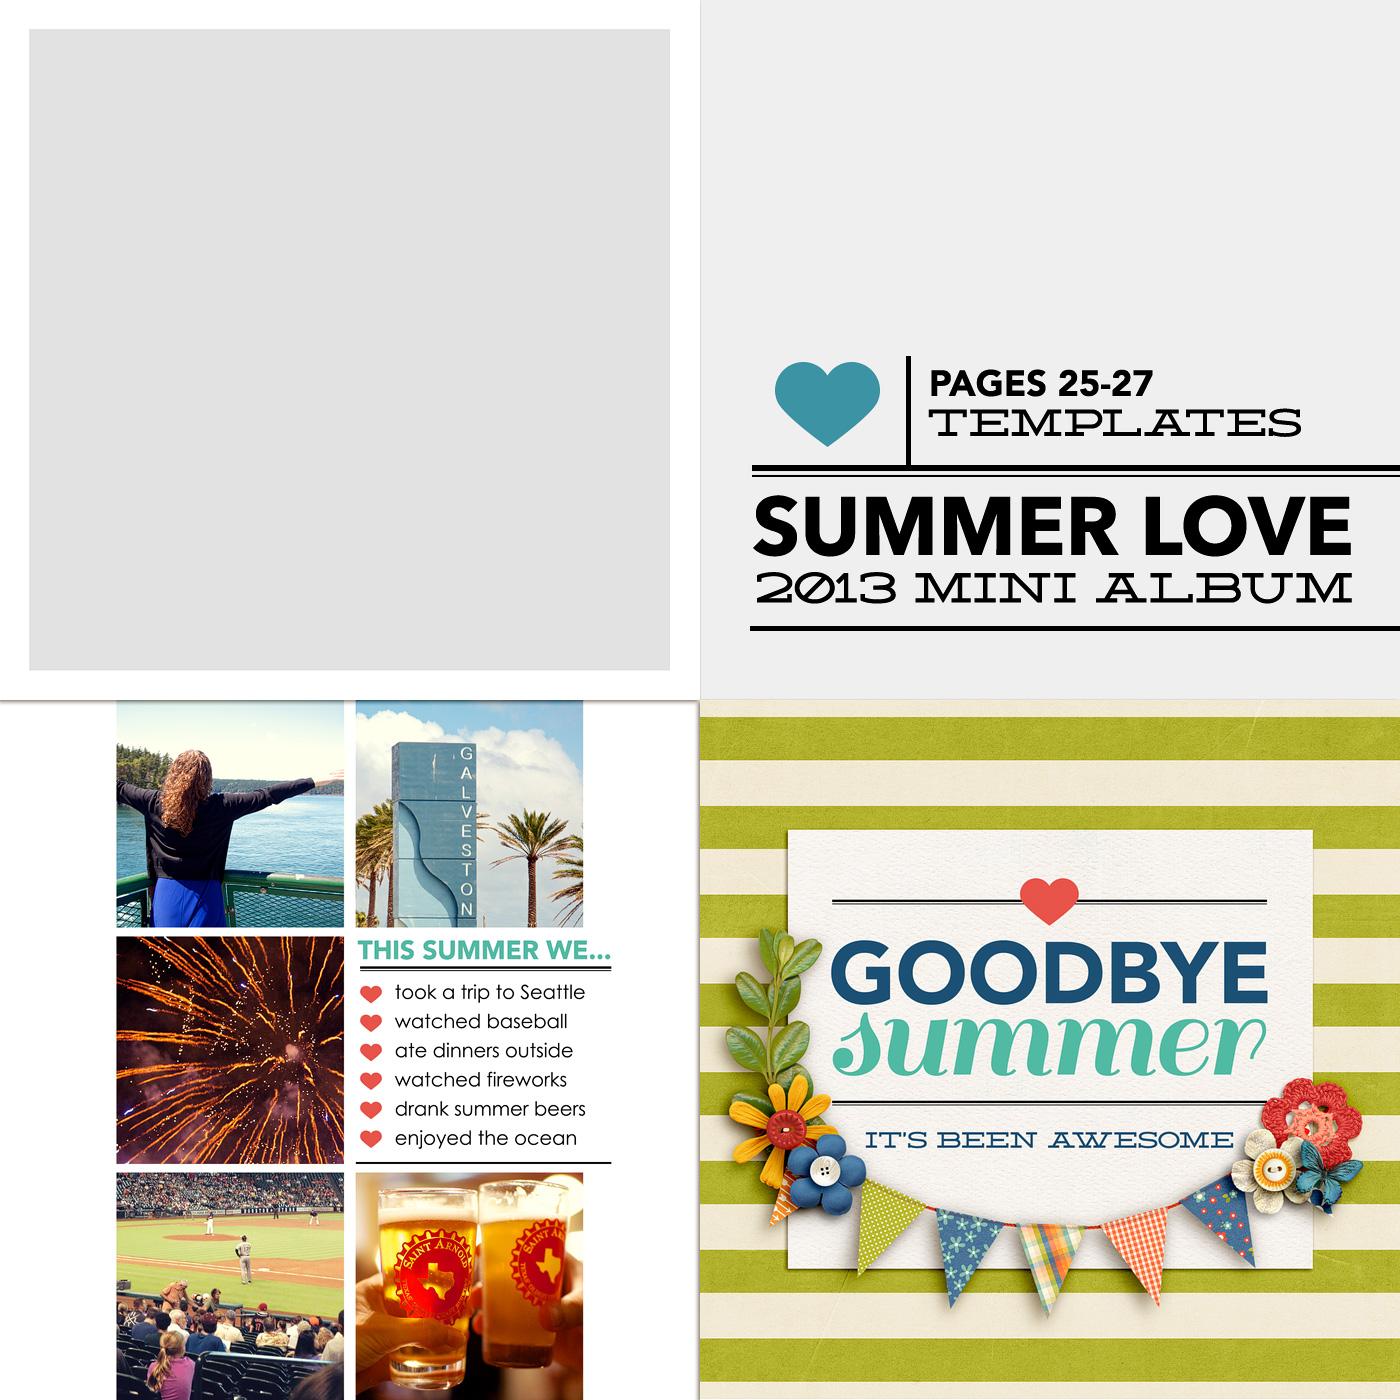 nettiodesigns_SummerLove-pg25-27-Lynnette